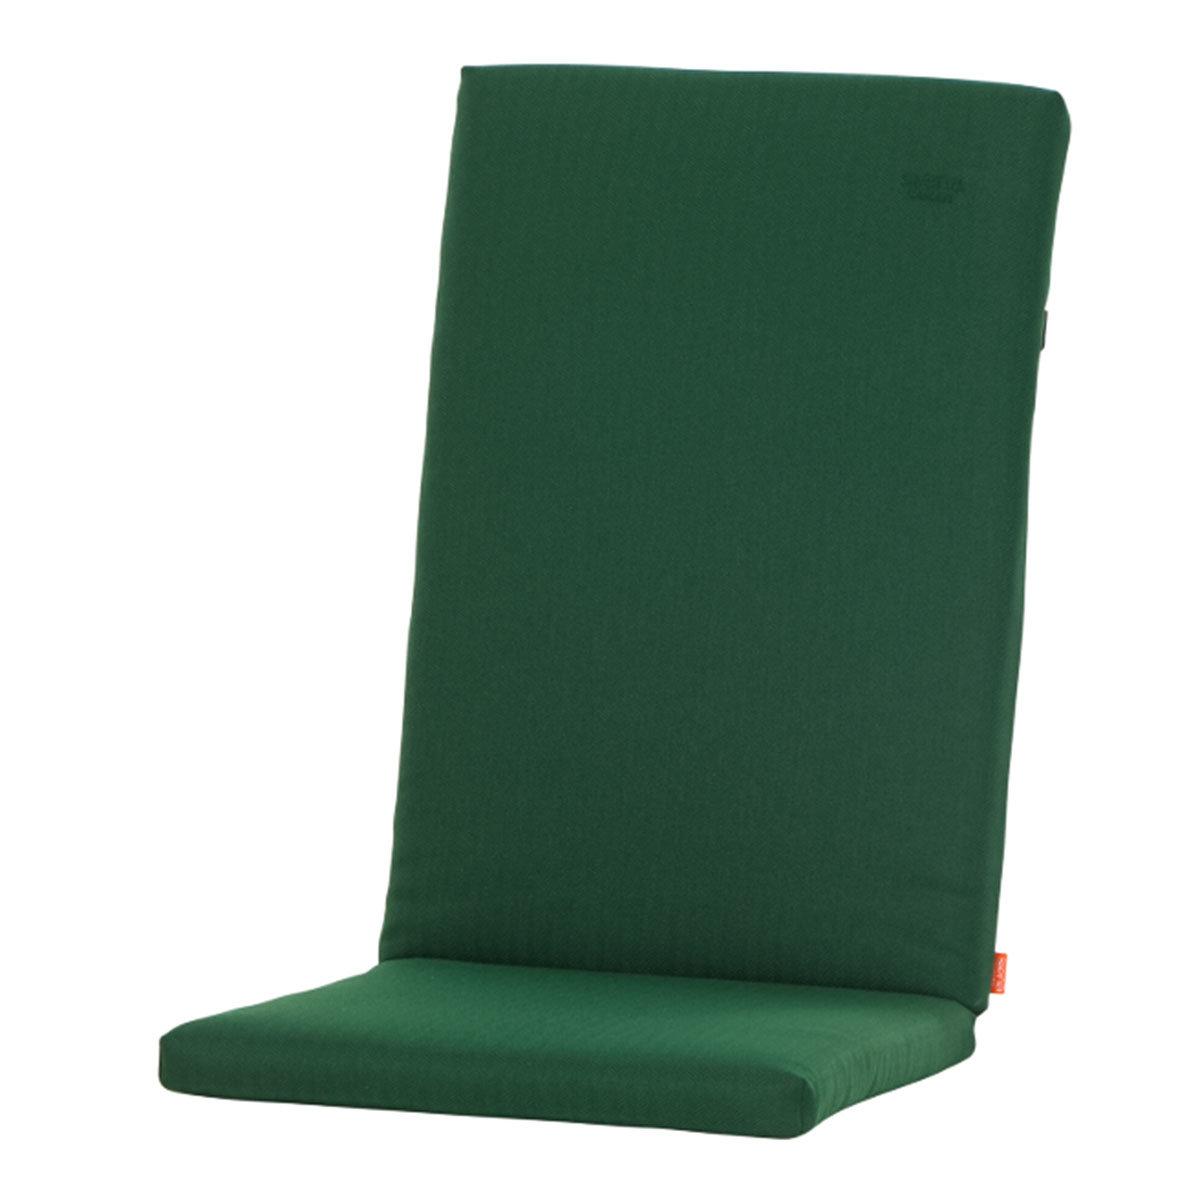 Hochlehner-Auflage Aster, smaragdgrün